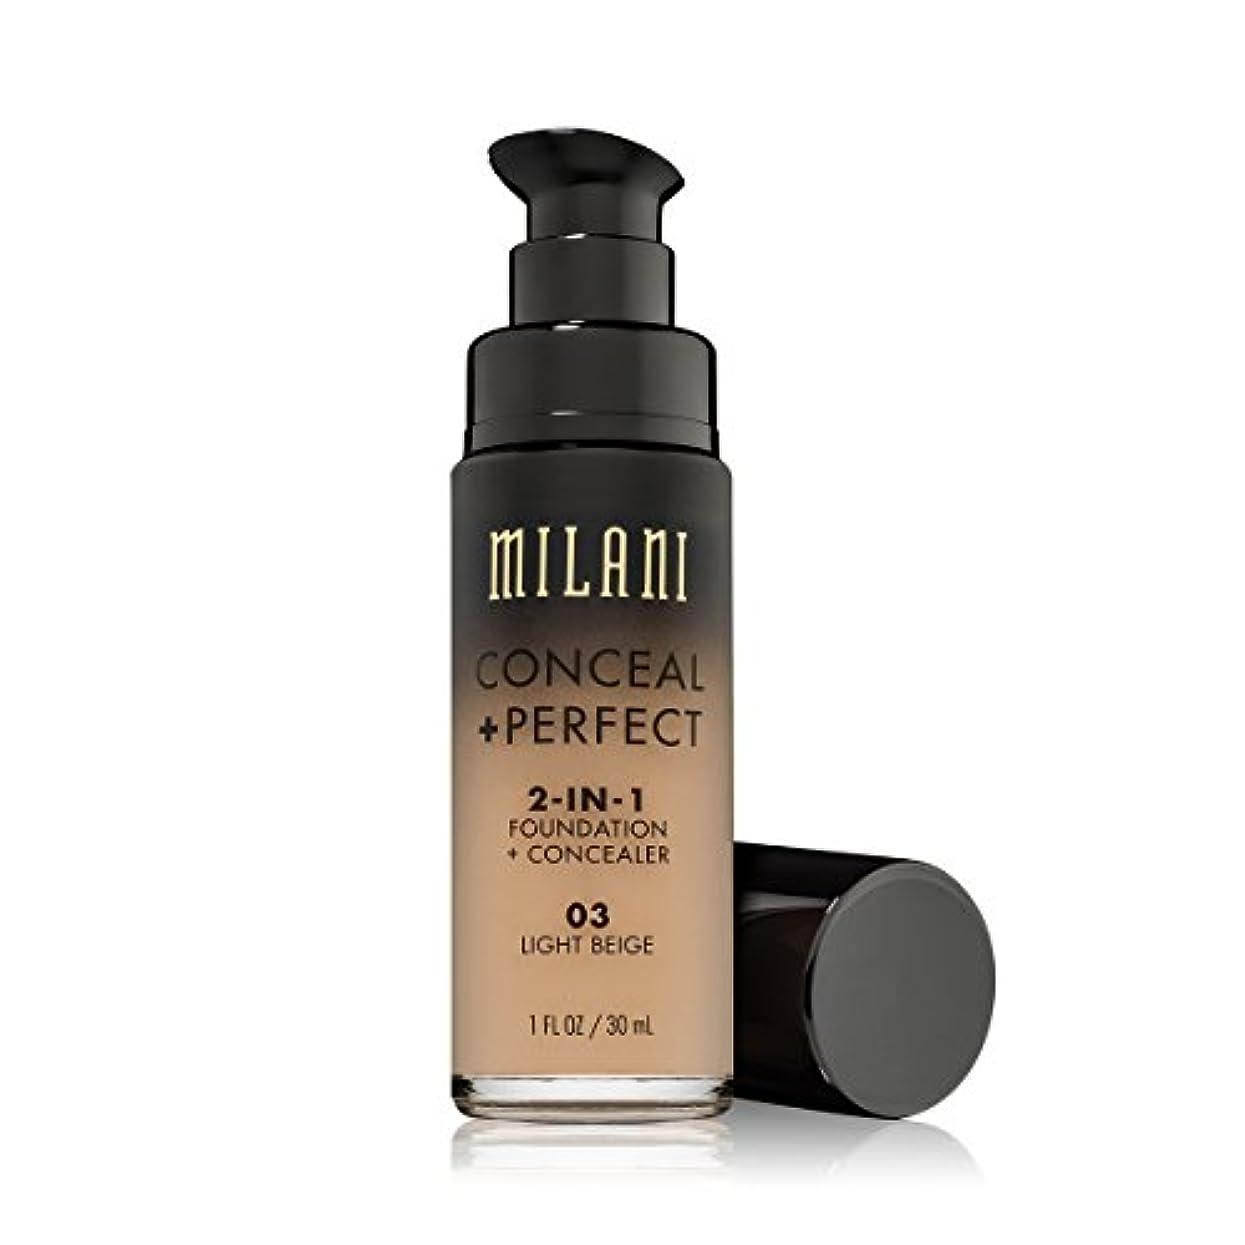 軽減する抗議可能MILANI Conceal + Perfect 2-In-1 Foundation + Concealer - Light Beige (並行輸入品)